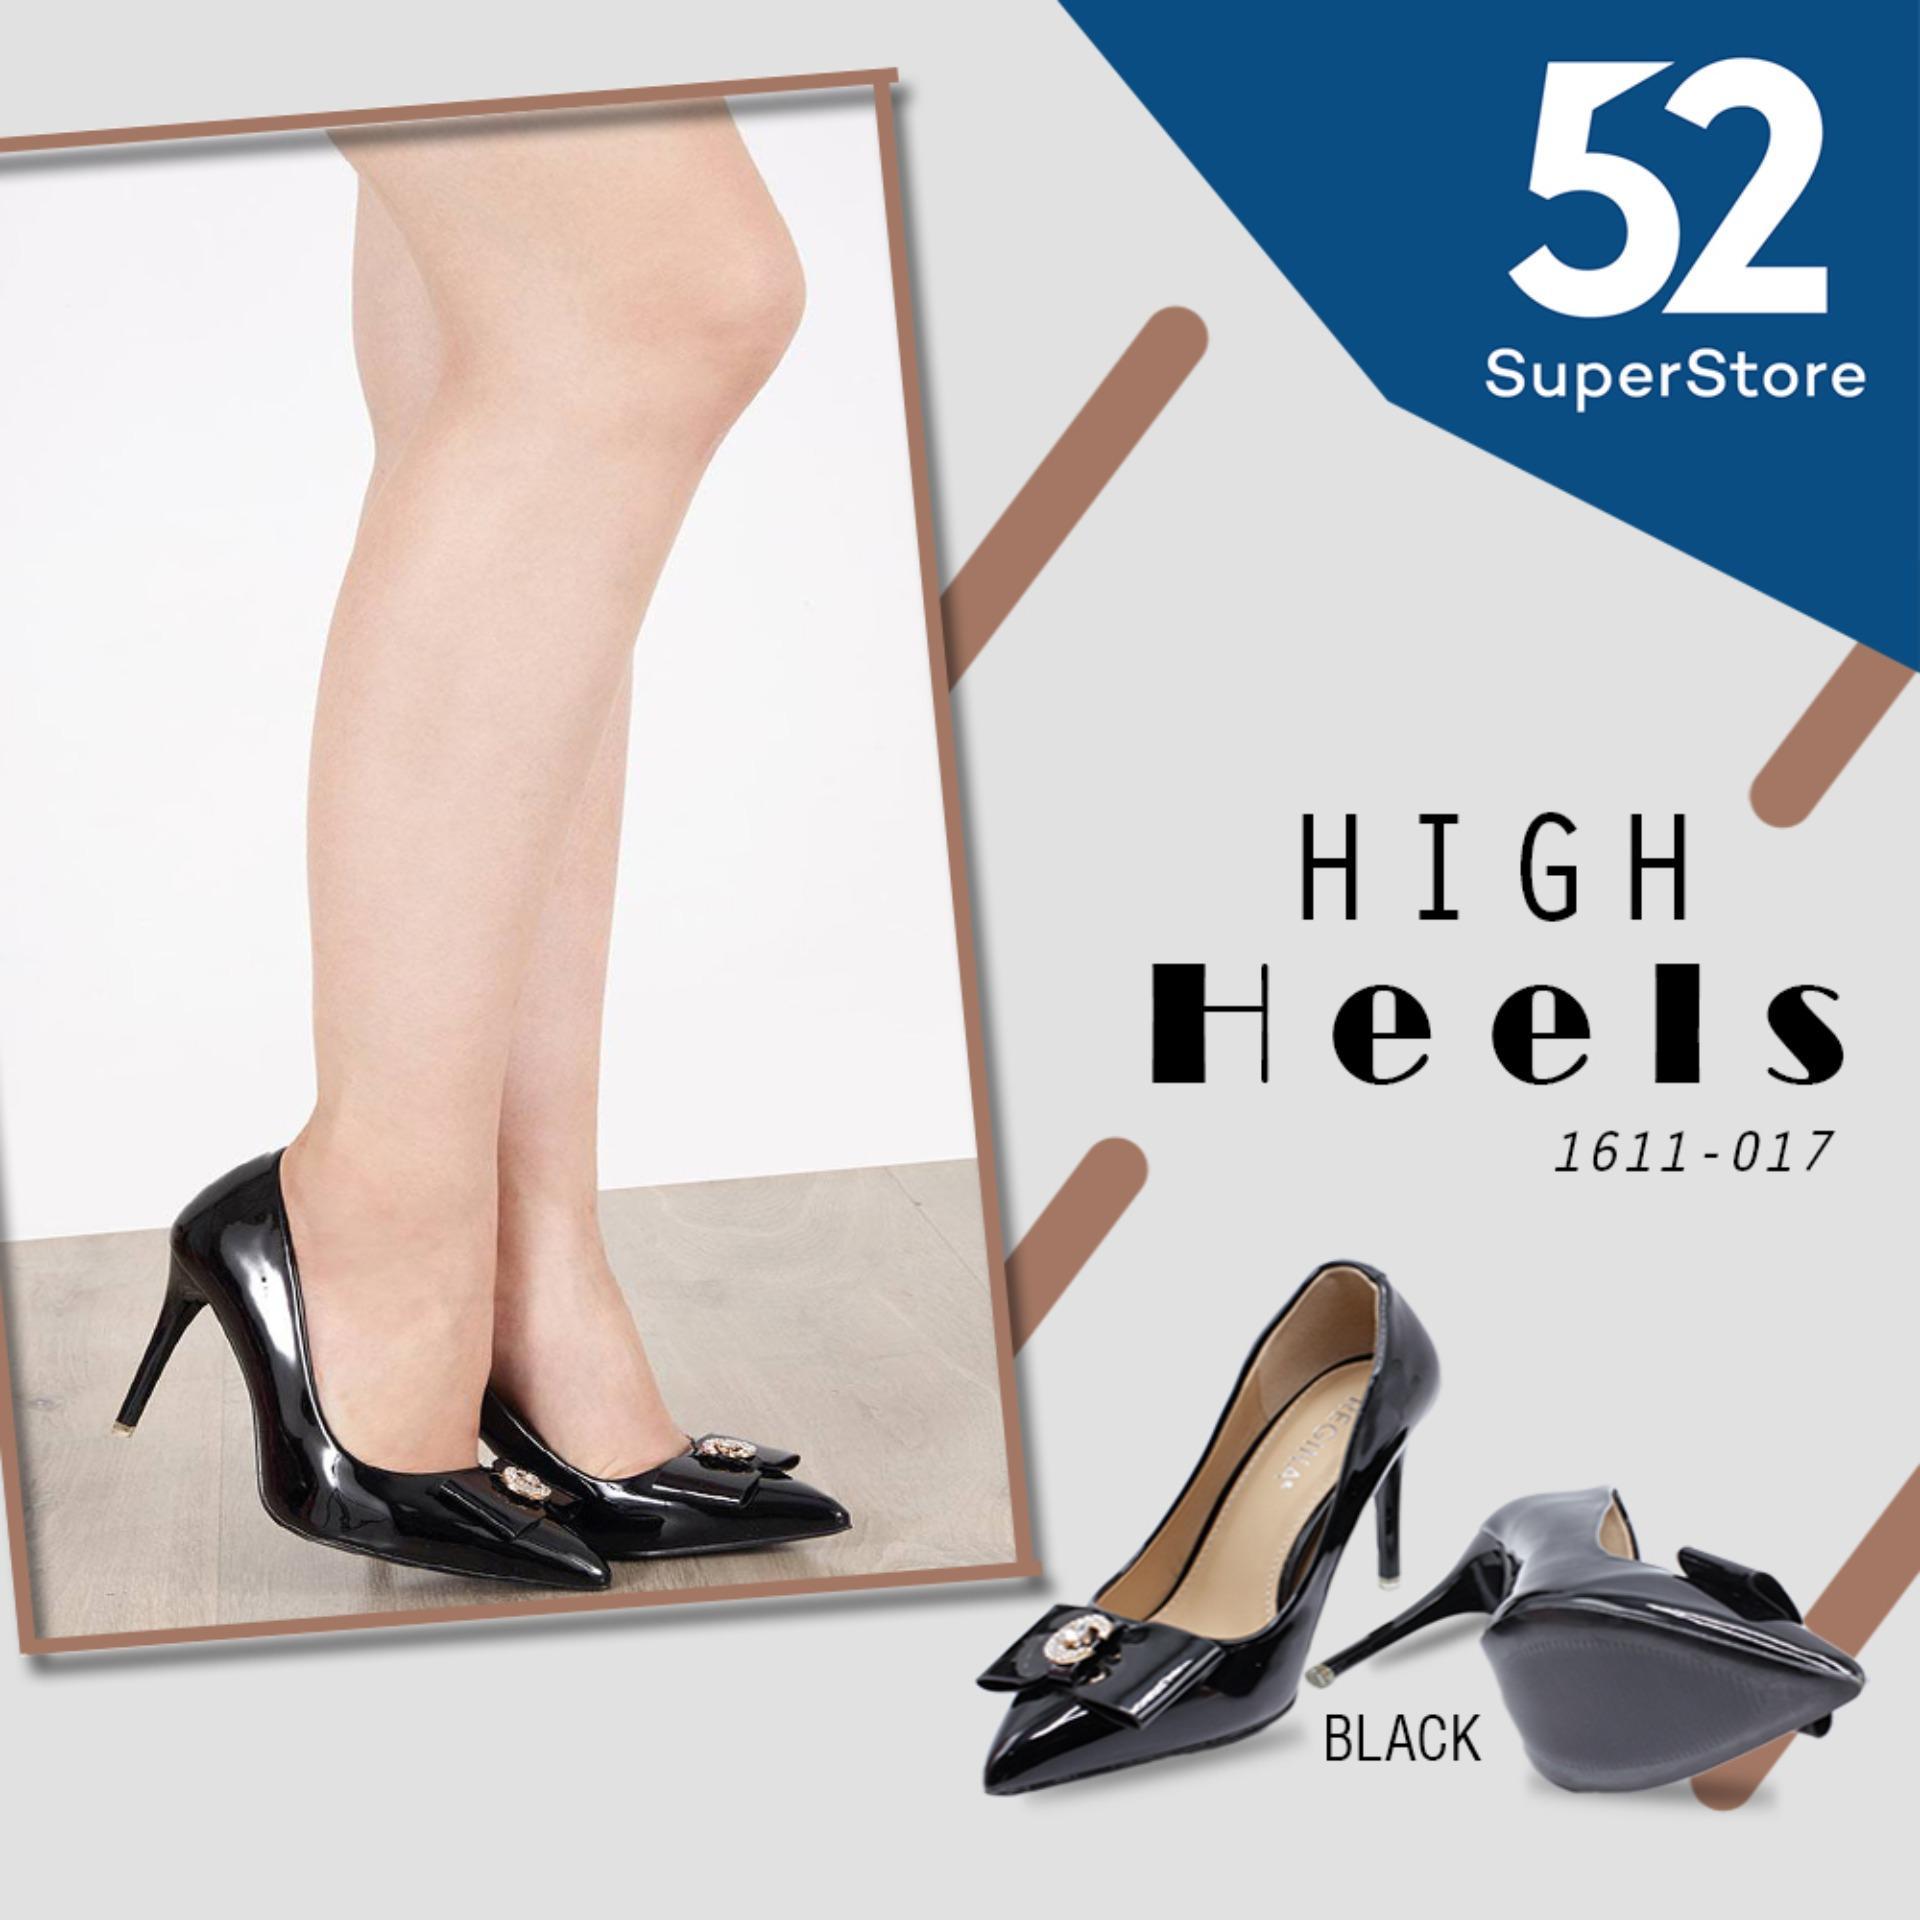 Regina Sepatu Pantofel High Heels Wanita 1611 017 Black HAK 9 cm